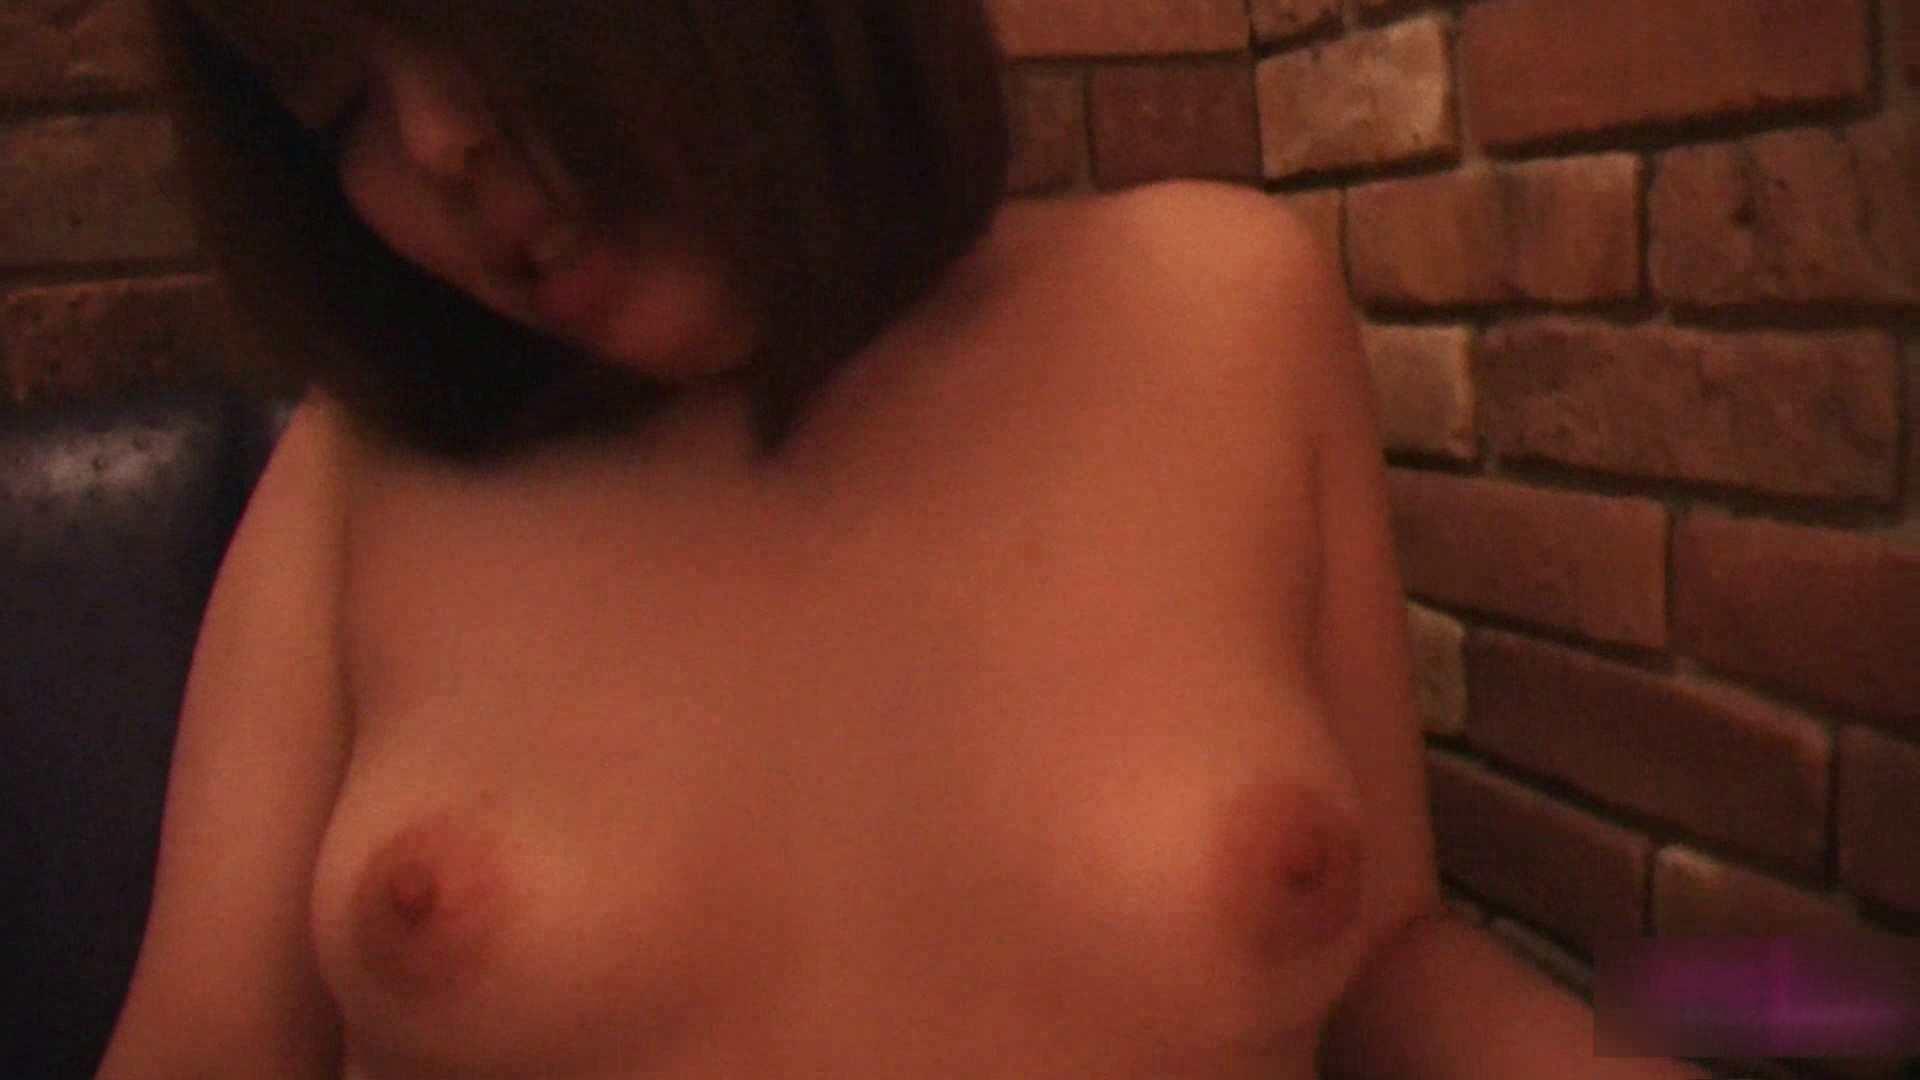 おしえてギャル子のH塾 Vol.13 前編 OL裸体 | 一般投稿  98画像 54